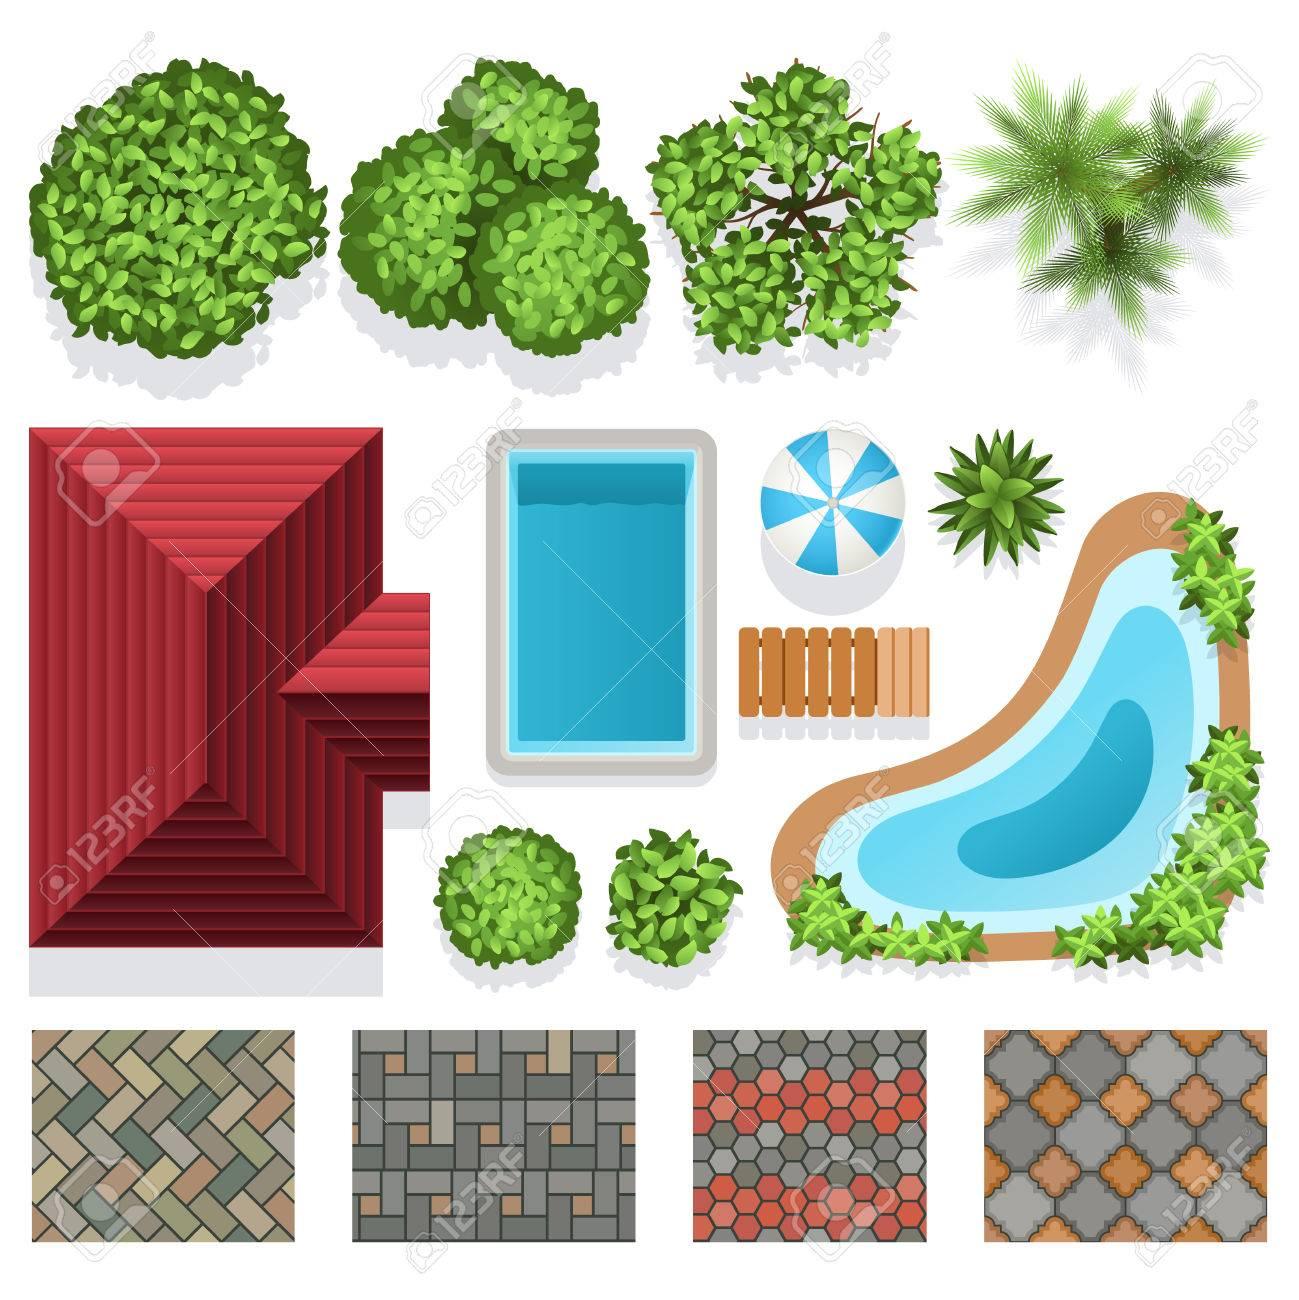 Fullsize Of Landscape Garden Design